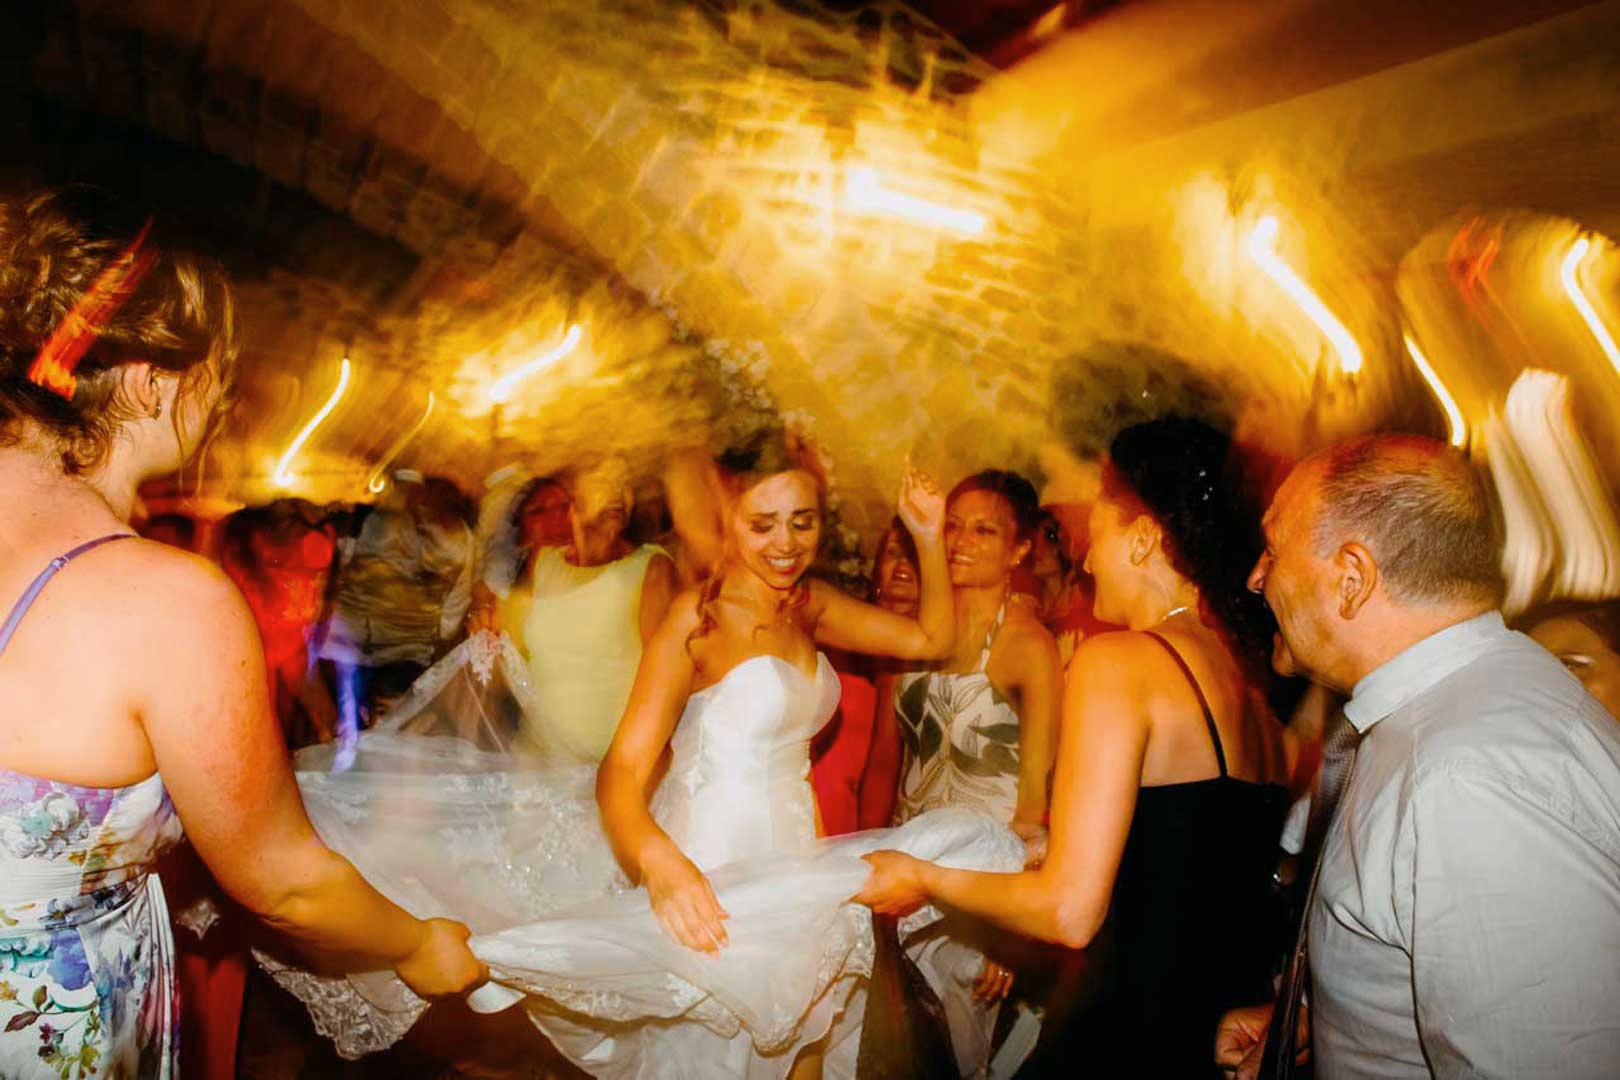 036-balli-sposa-gianni-lepore-wedding-photographer